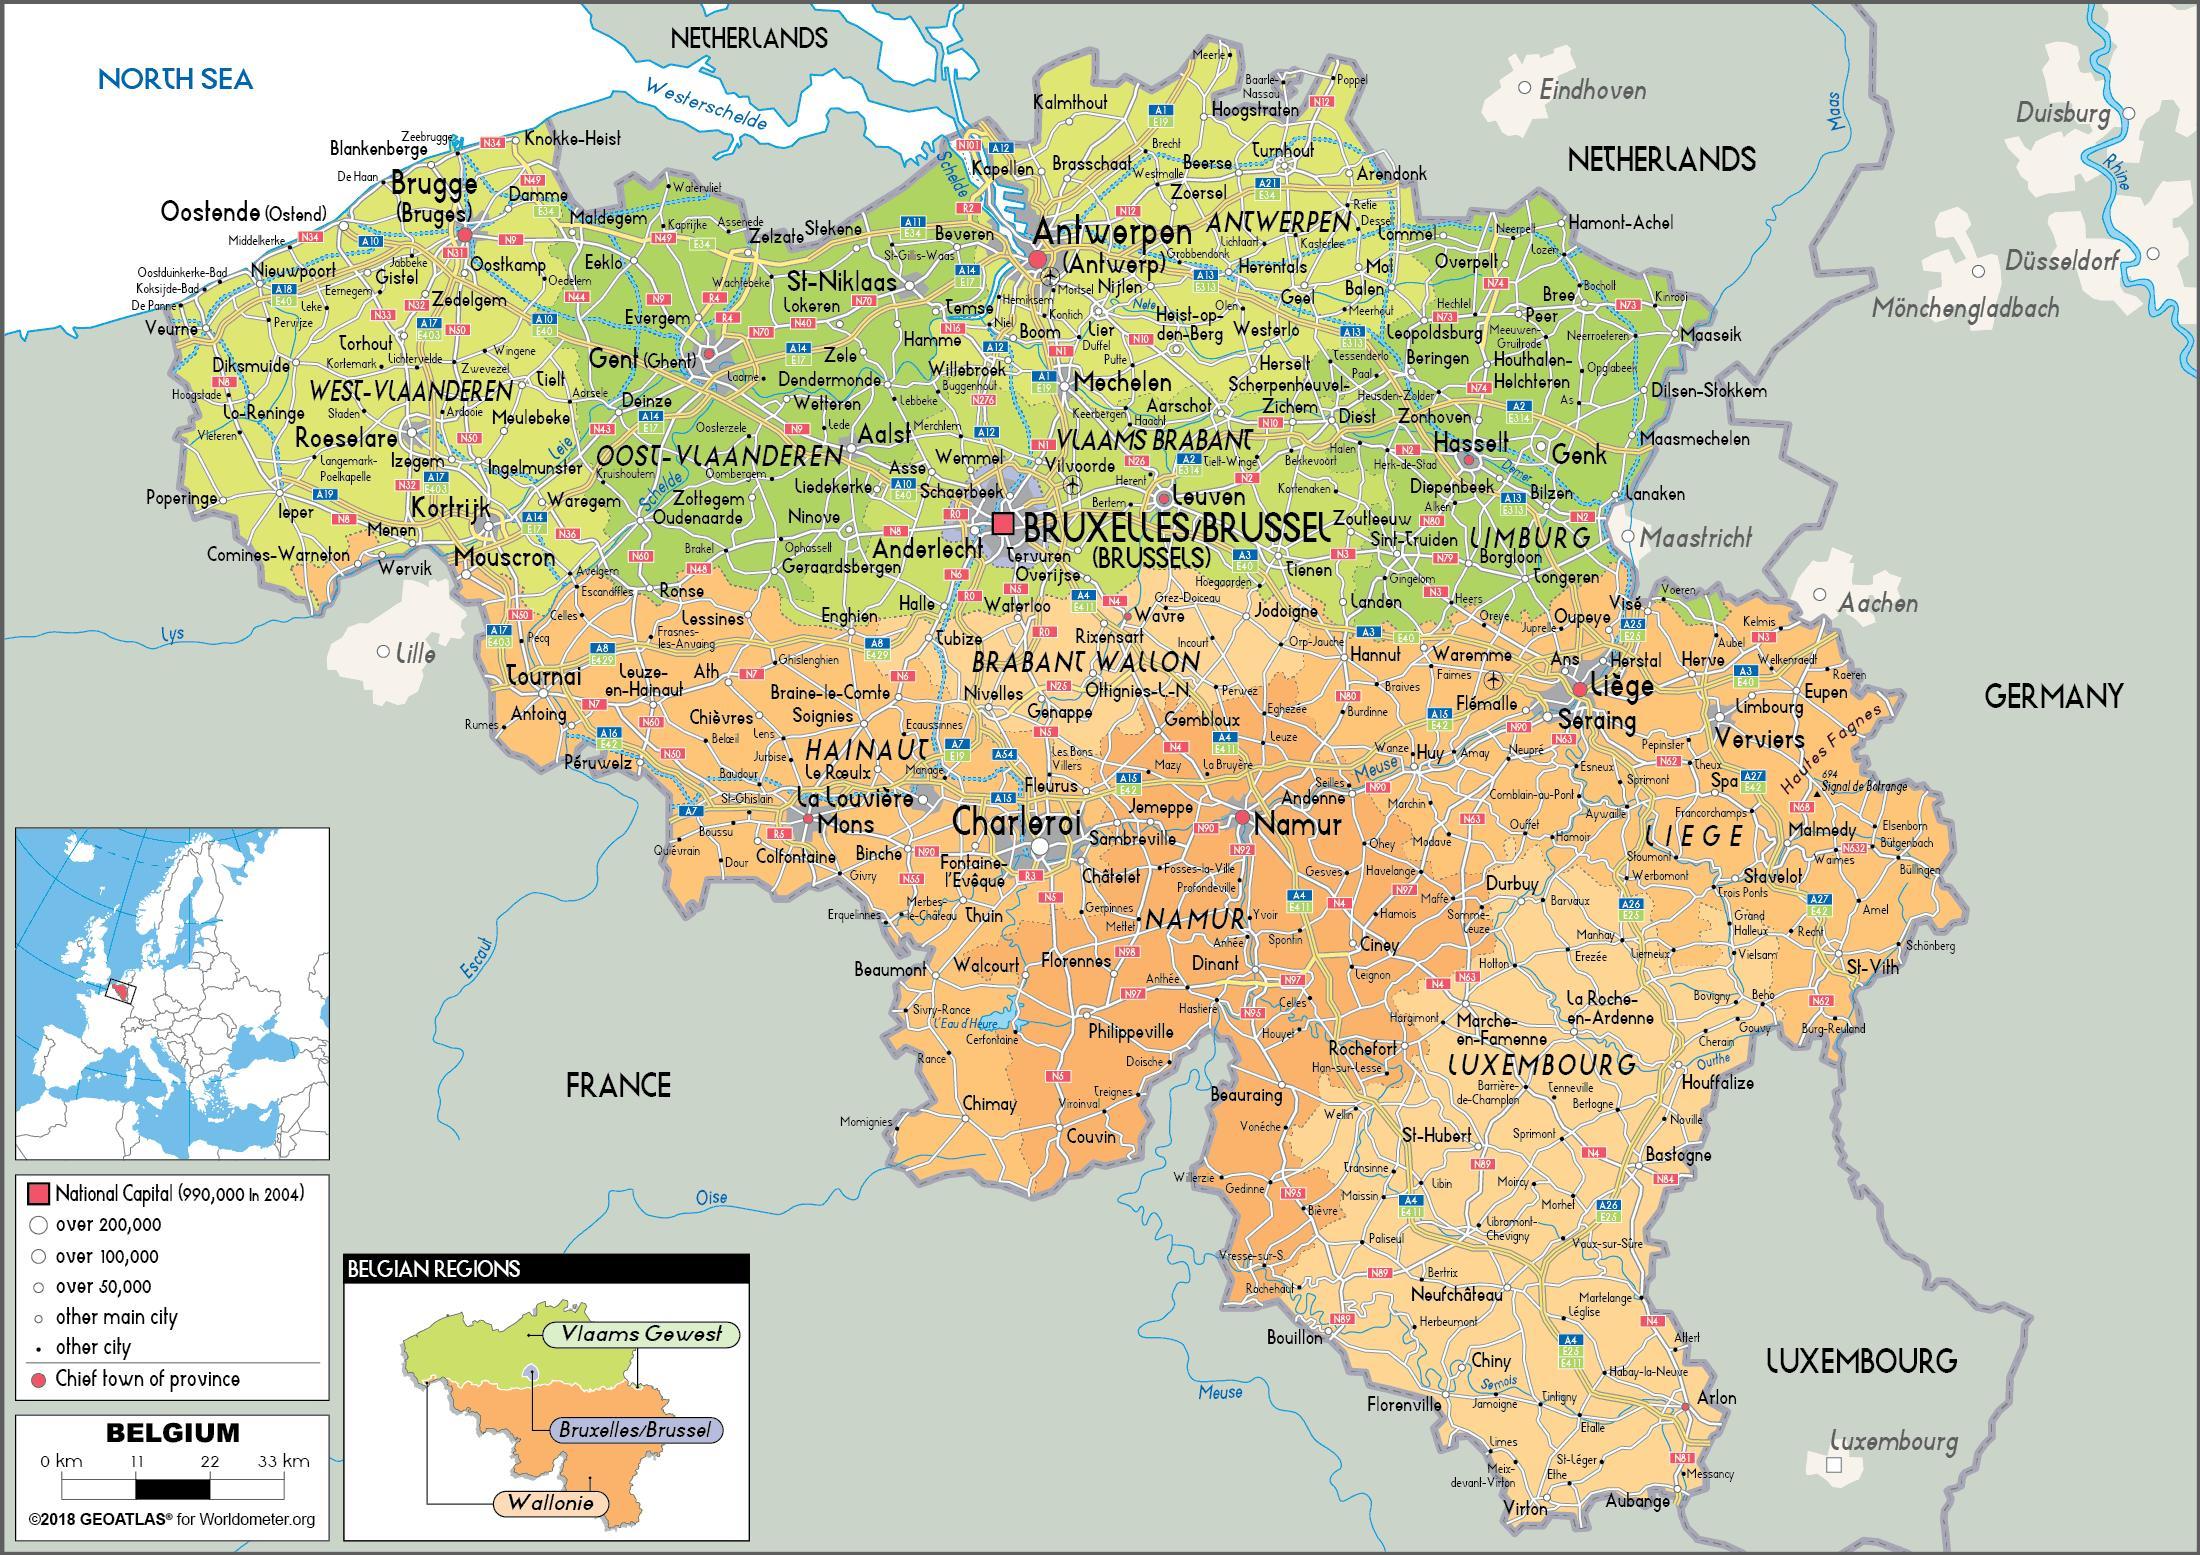 Carte Belgique Villes.Belgique Villes De La Carte Belgique Villes De La Carte